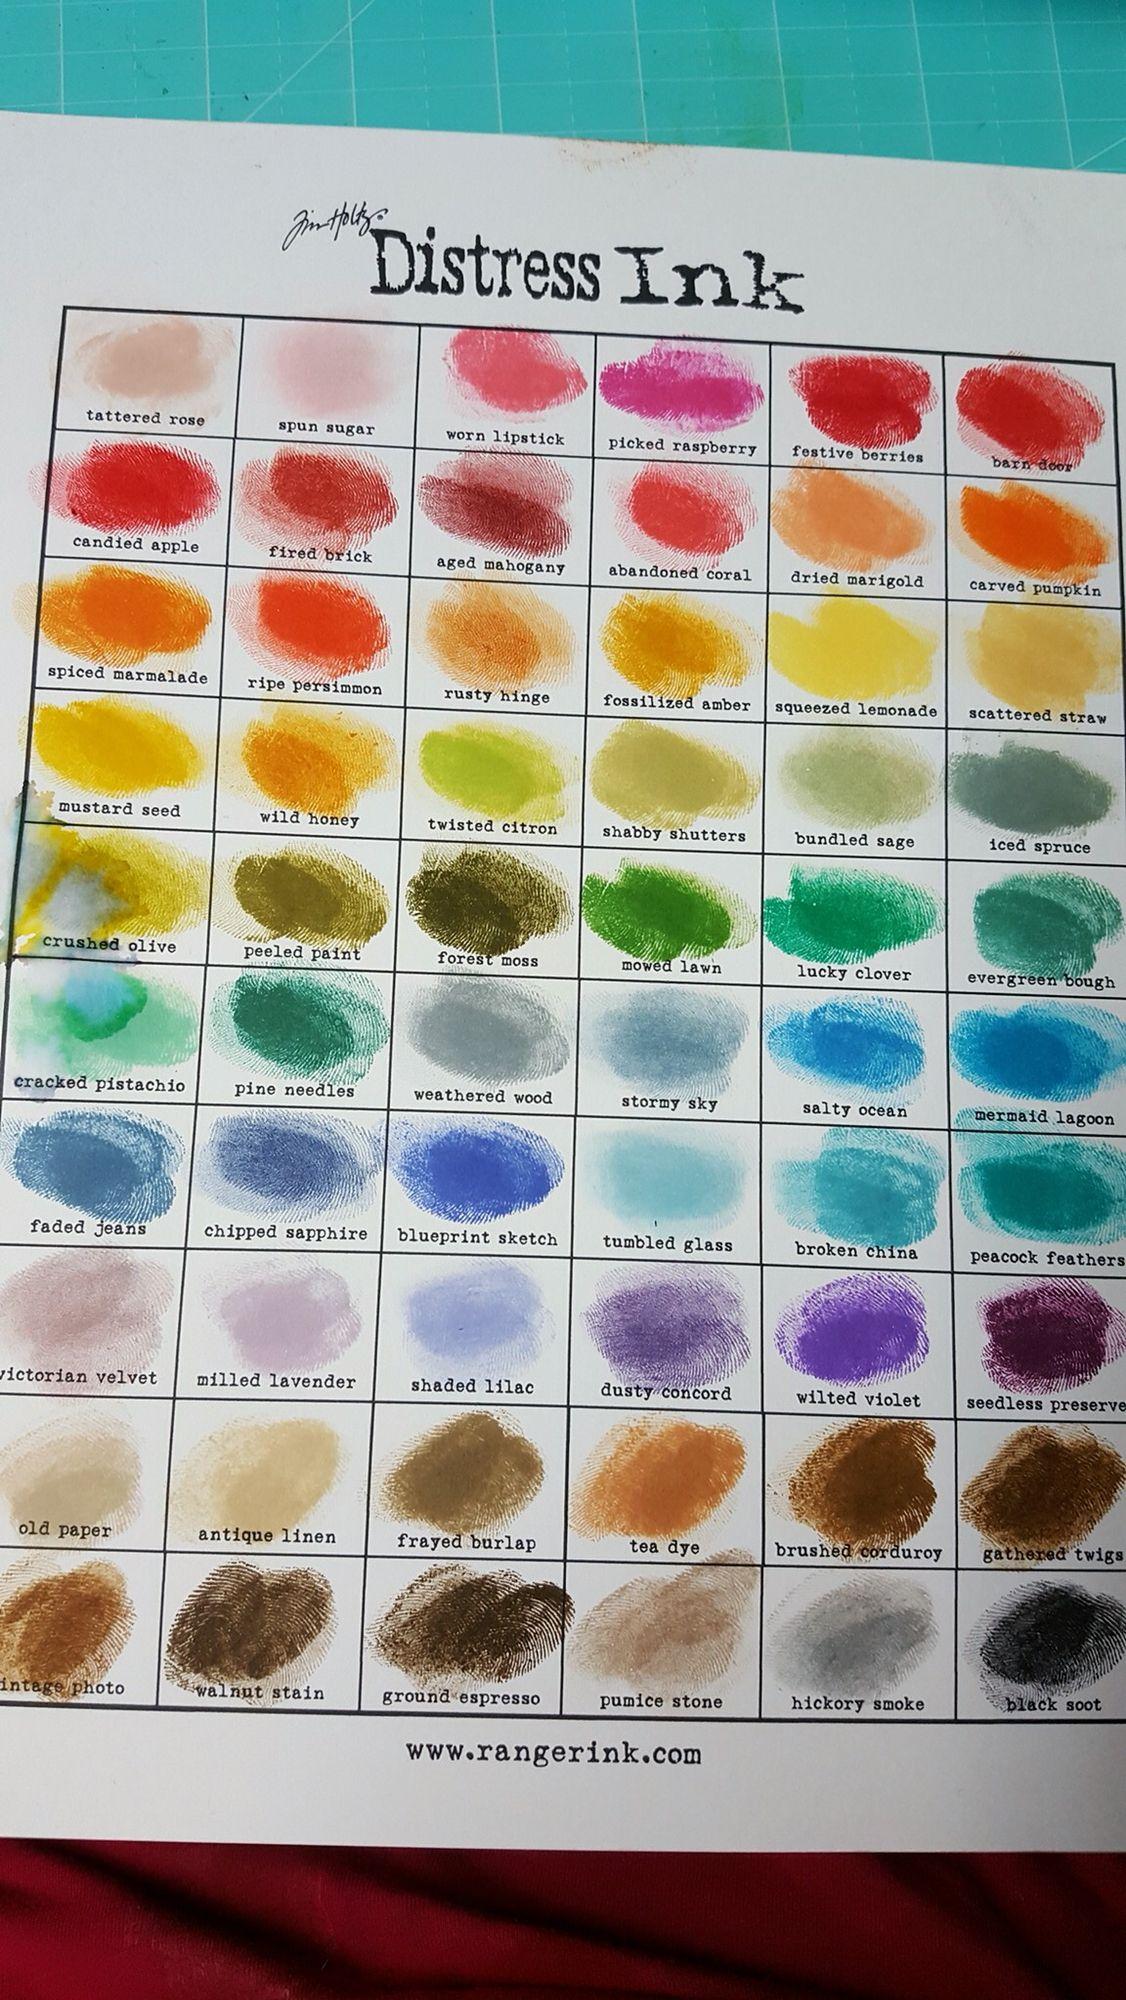 Tim Holtz Ranger Distress Ink Chart Cindy S Photo July 2016 60 Colours Ranger Distress Ink Distress Ink Distress Ink Techniques